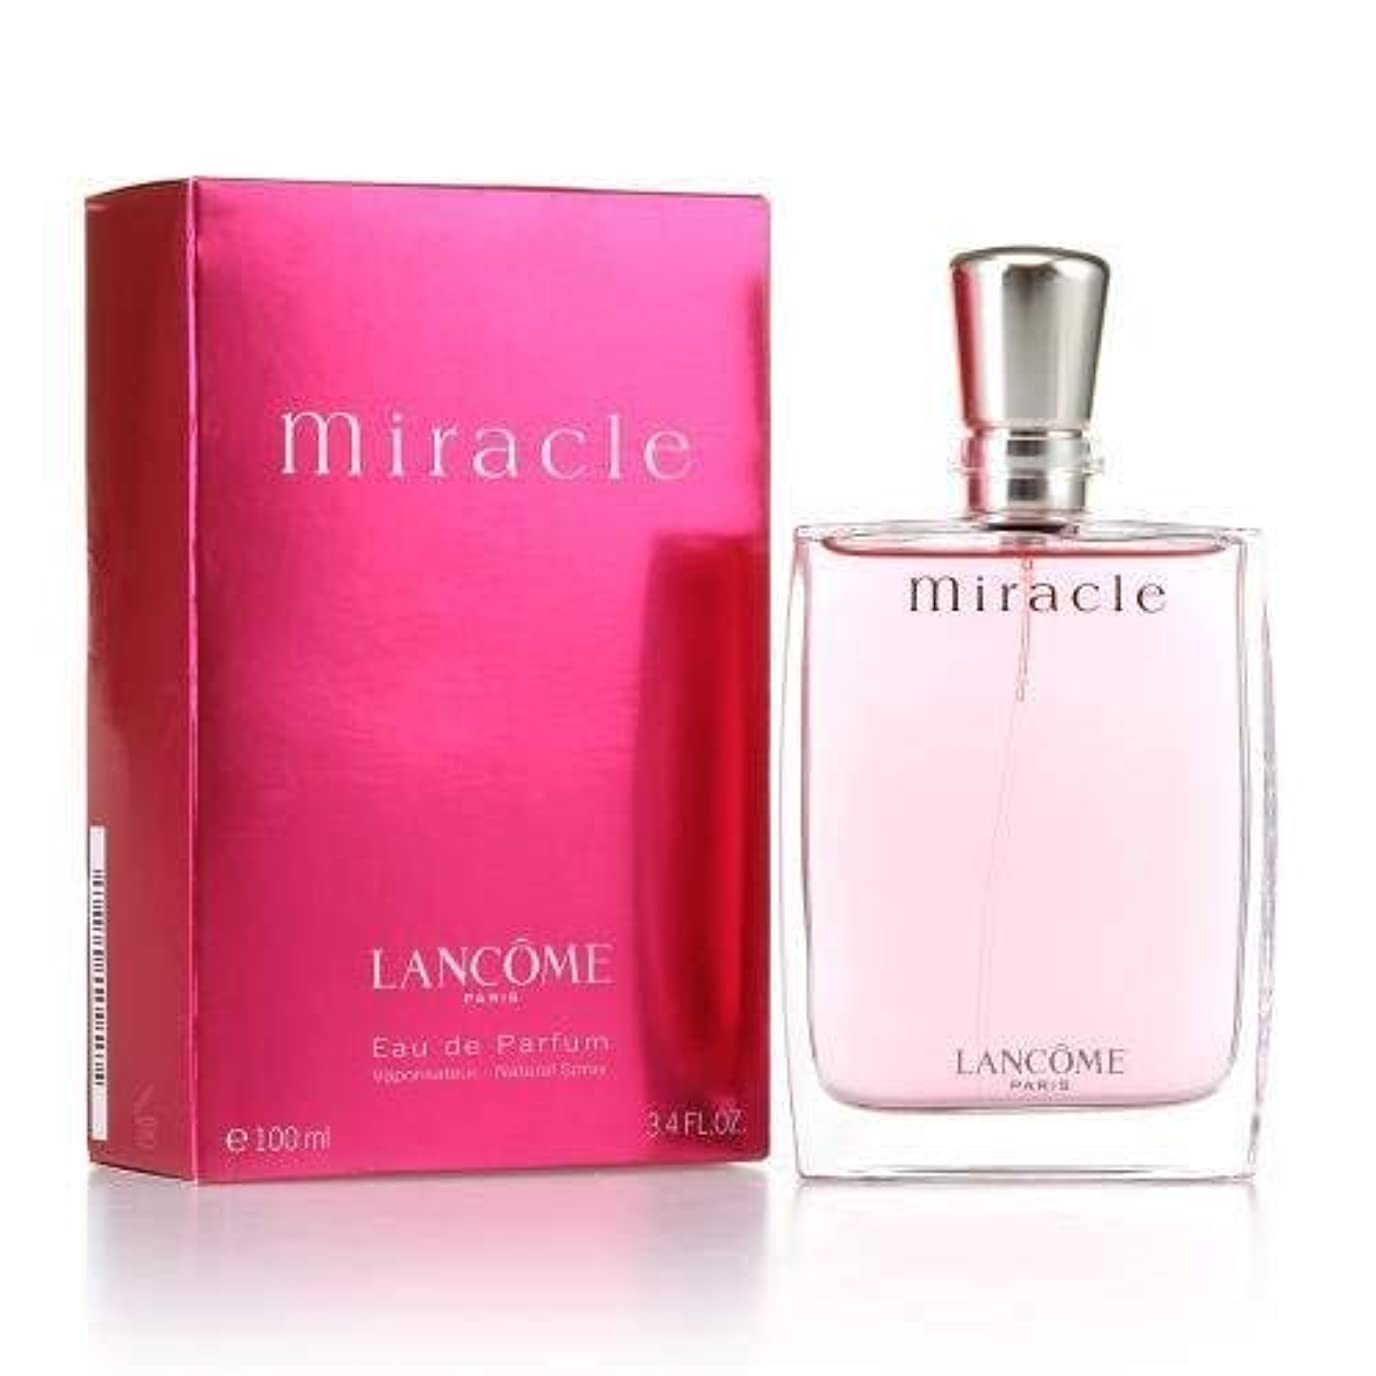 結果セール干渉するランコム(LANCOME) ミラク miracle 100ml オーデパルファム MEDP100[並行輸入品]